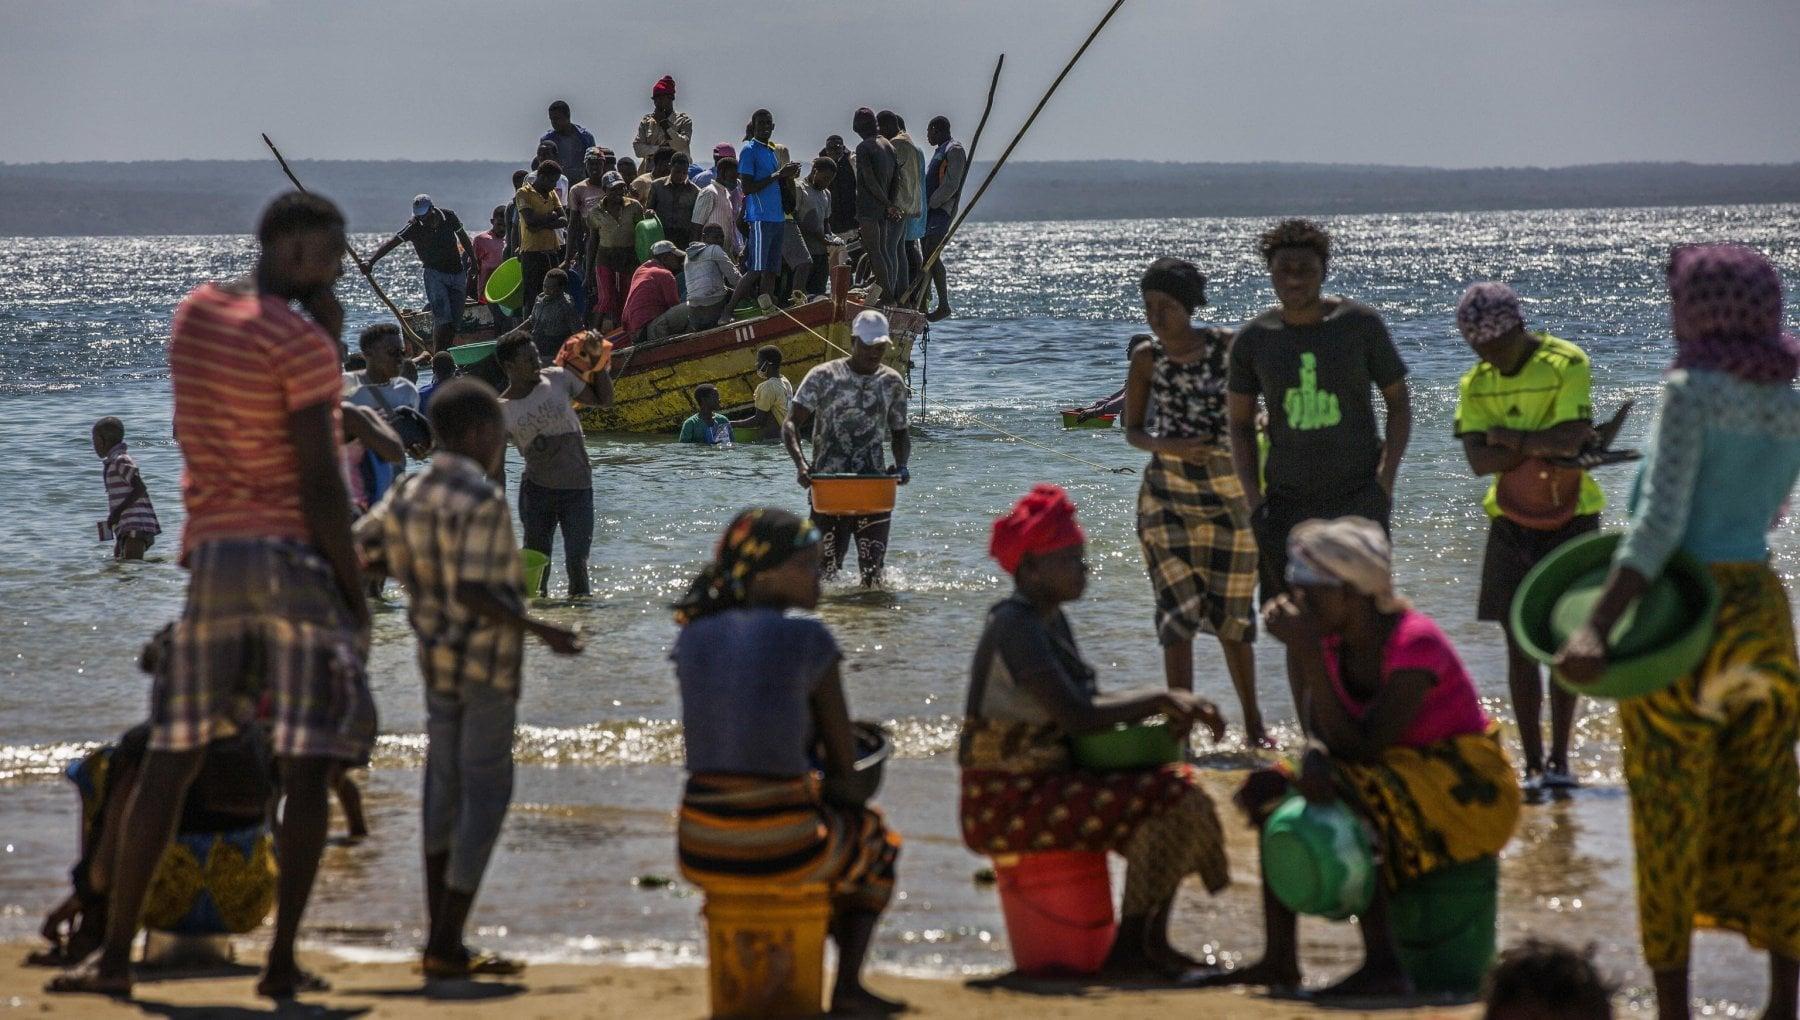 """091152285 185090c1 949d 46ba b765 aa042c23dddd - Mozambico, la denuncia di Save the Children: """"Bambini decapitati dai ribelli"""""""